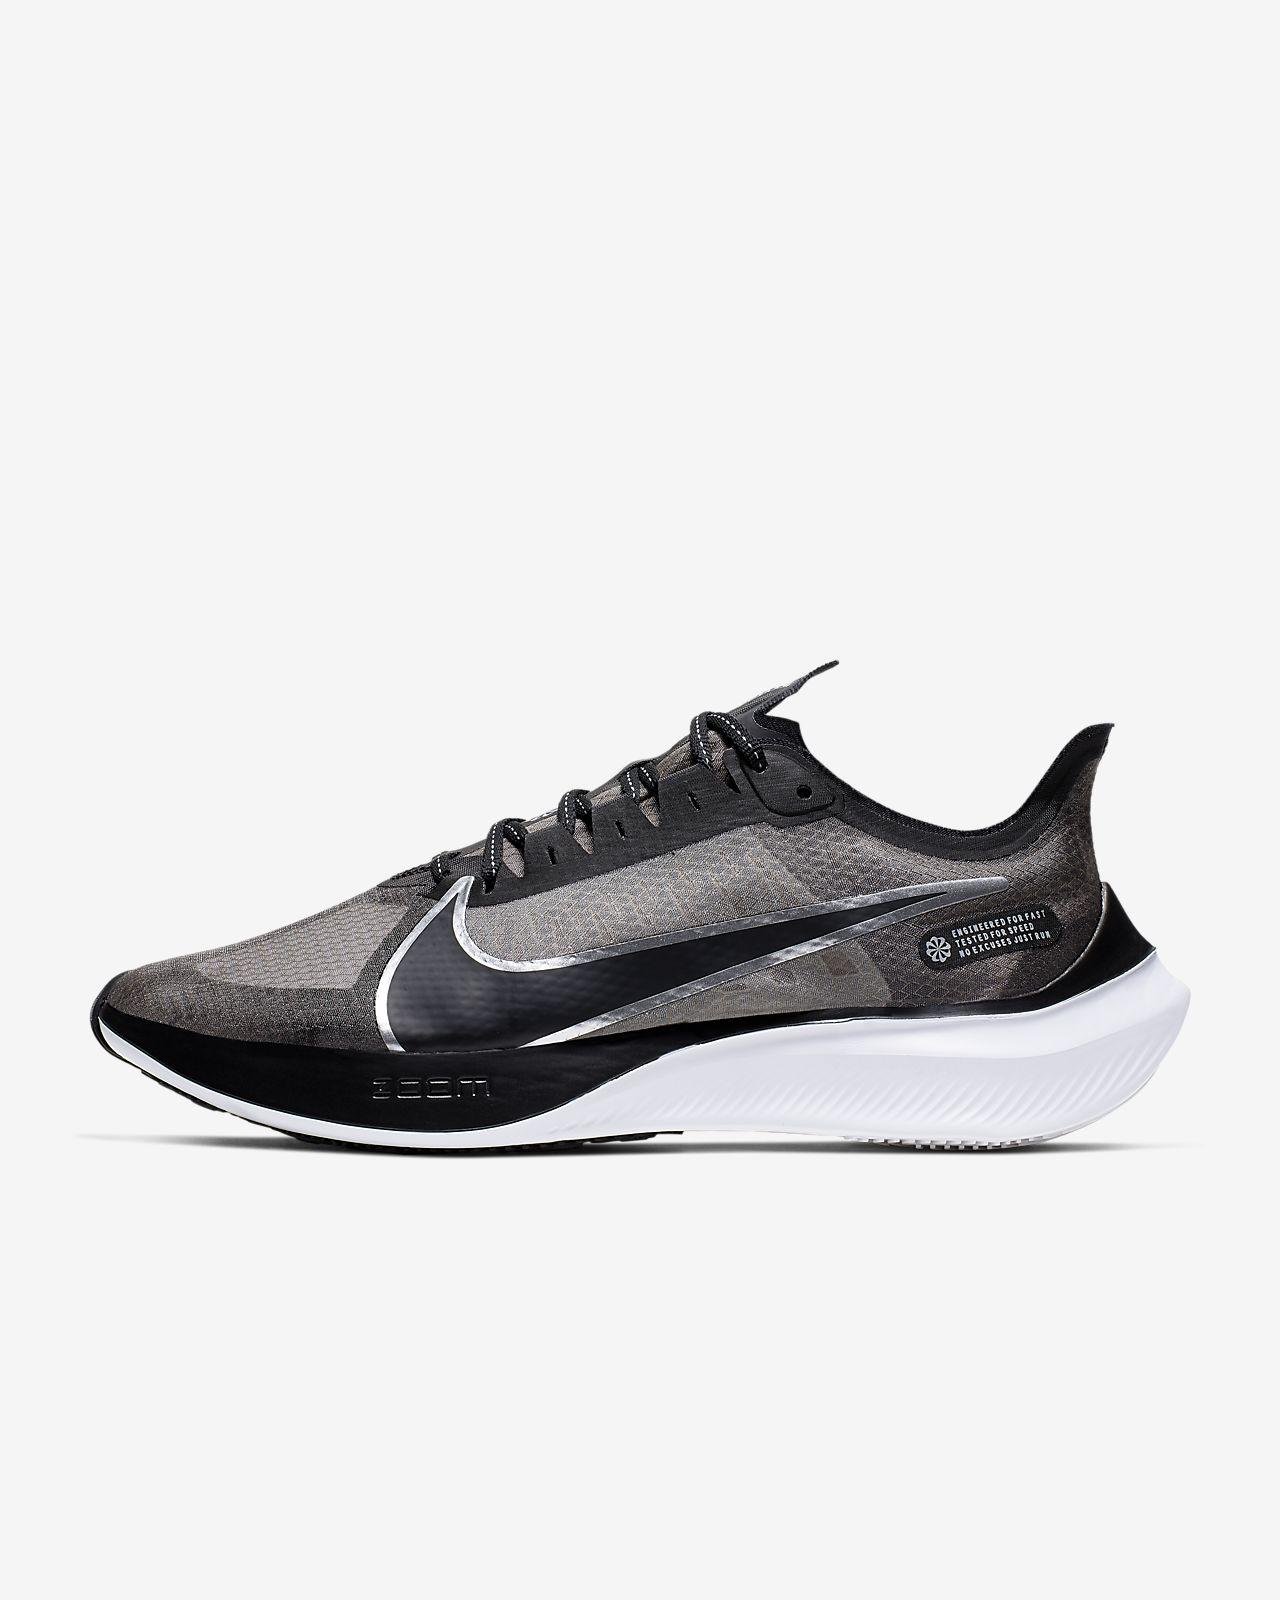 topowe marki szczegółowe obrazy tania wyprzedaż usa Męskie buty do biegania Nike Zoom Gravity